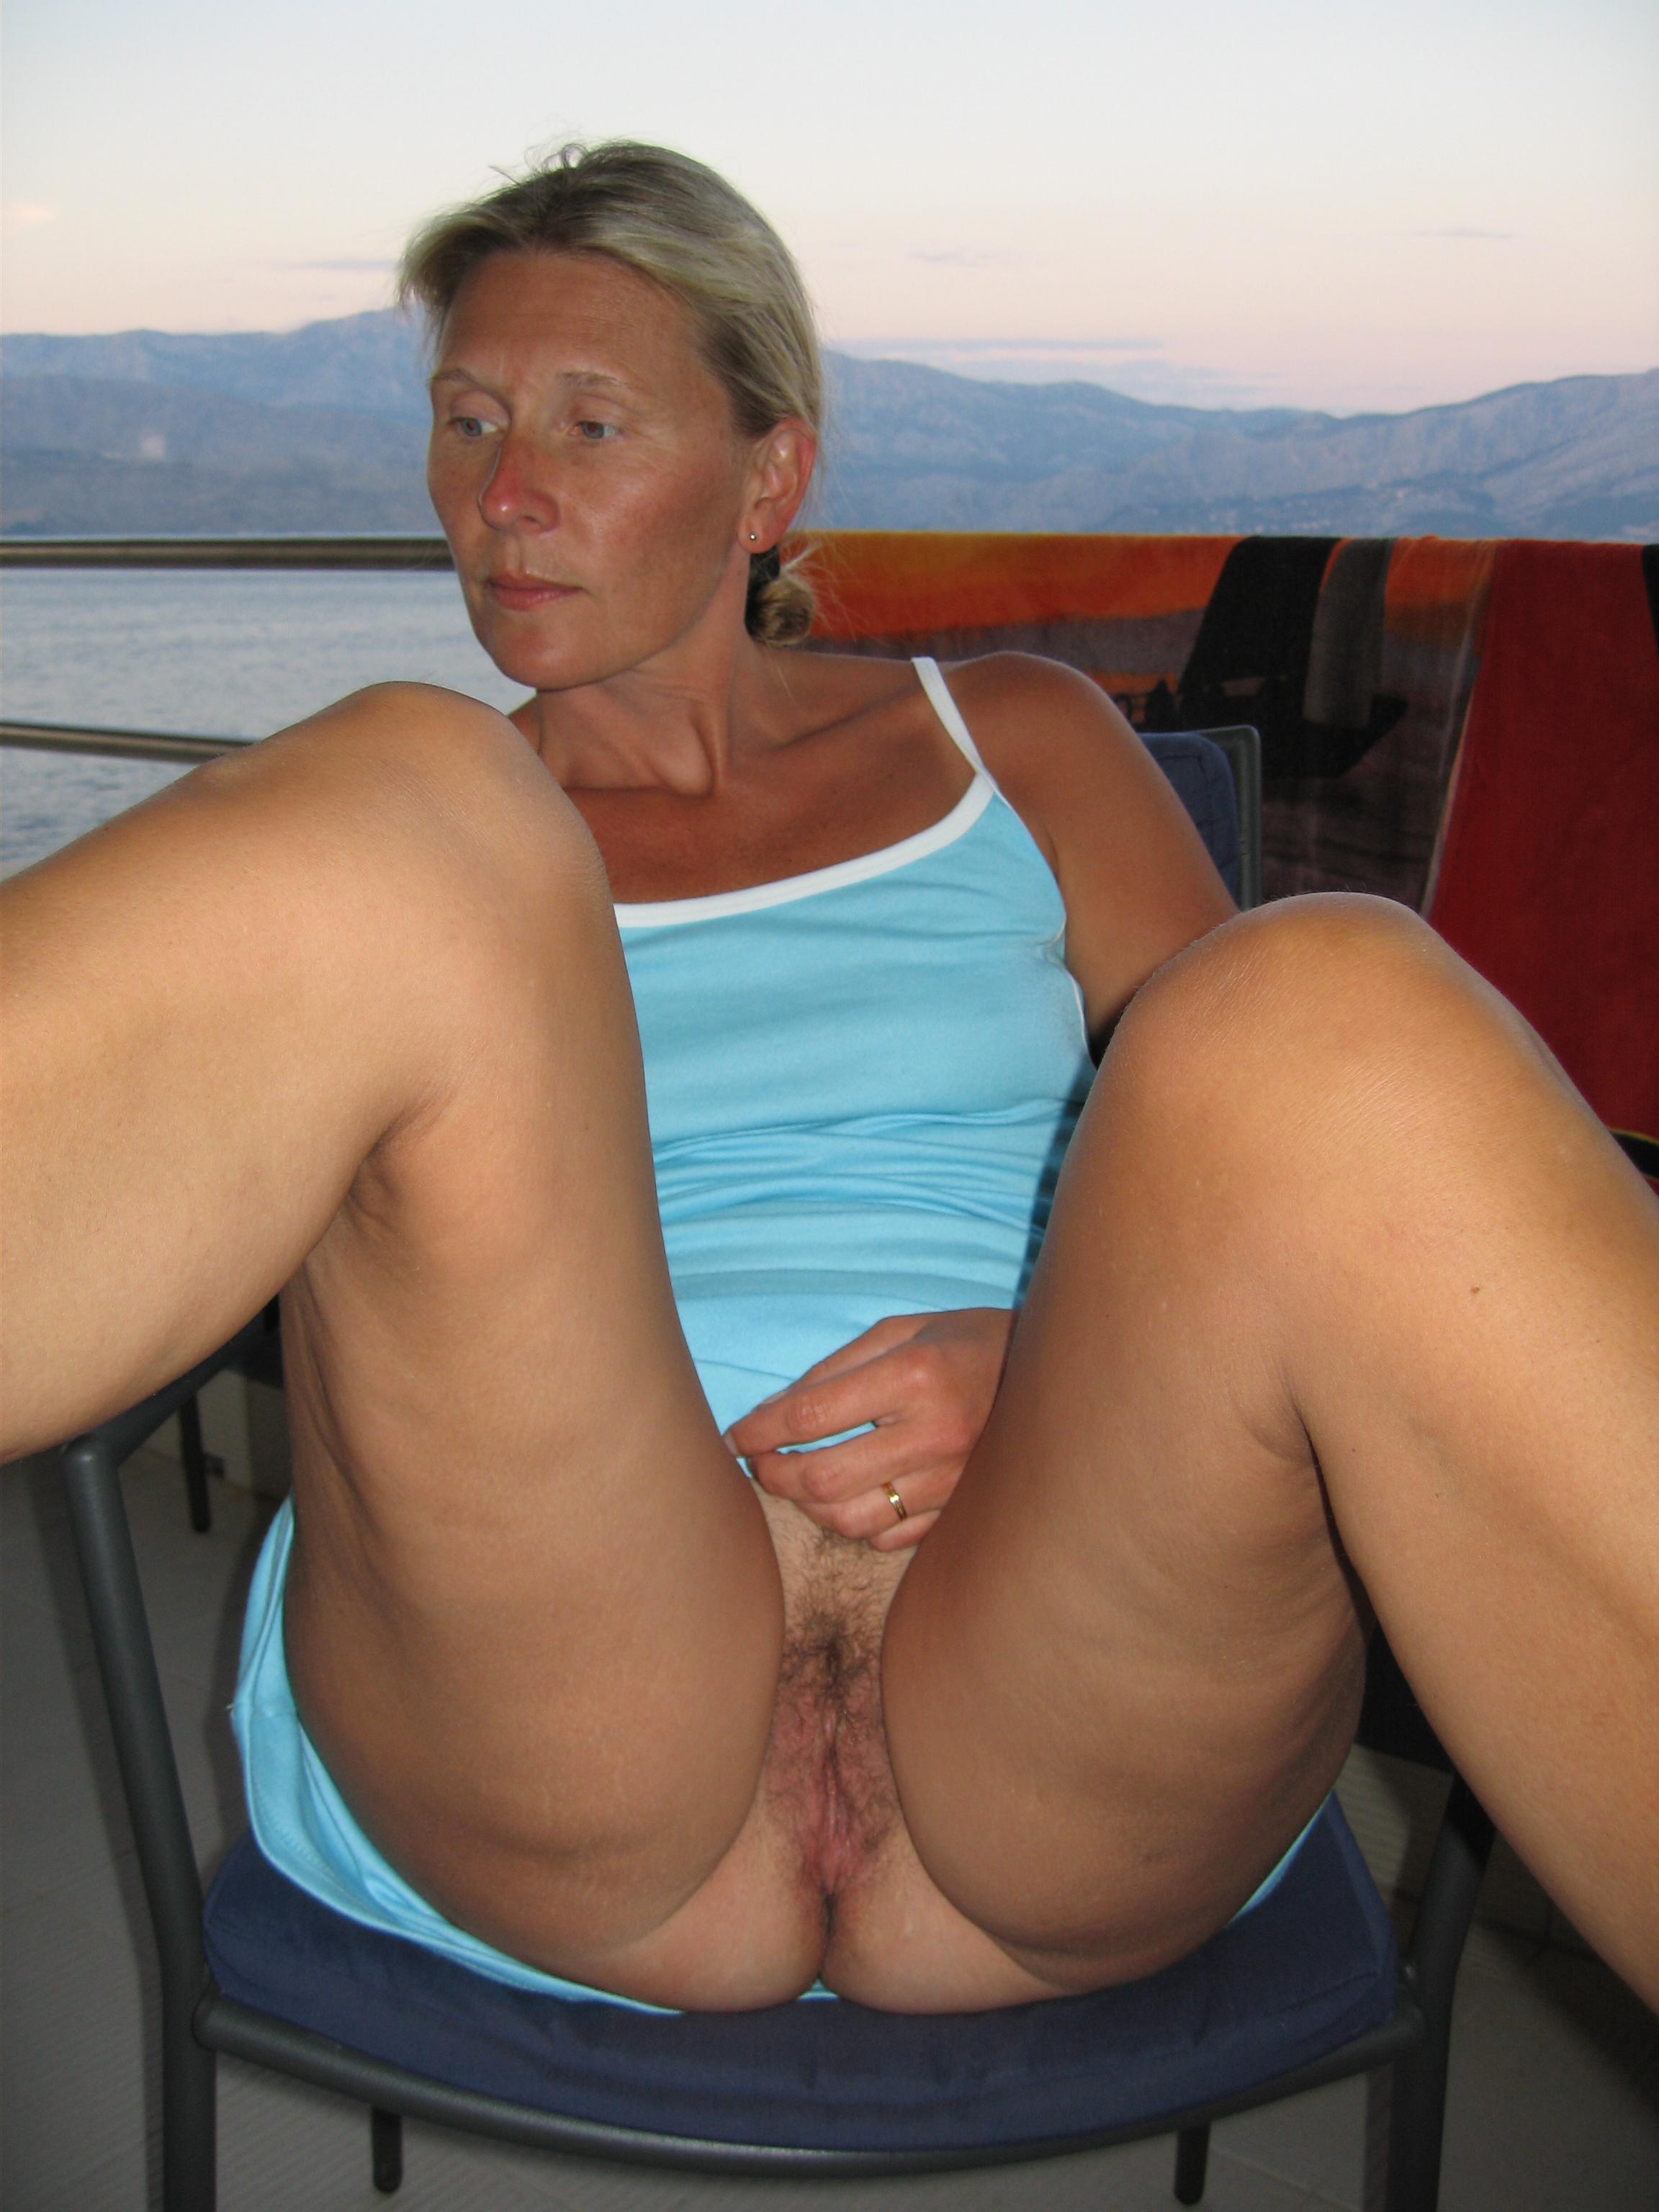 mogna damer söker erotiska